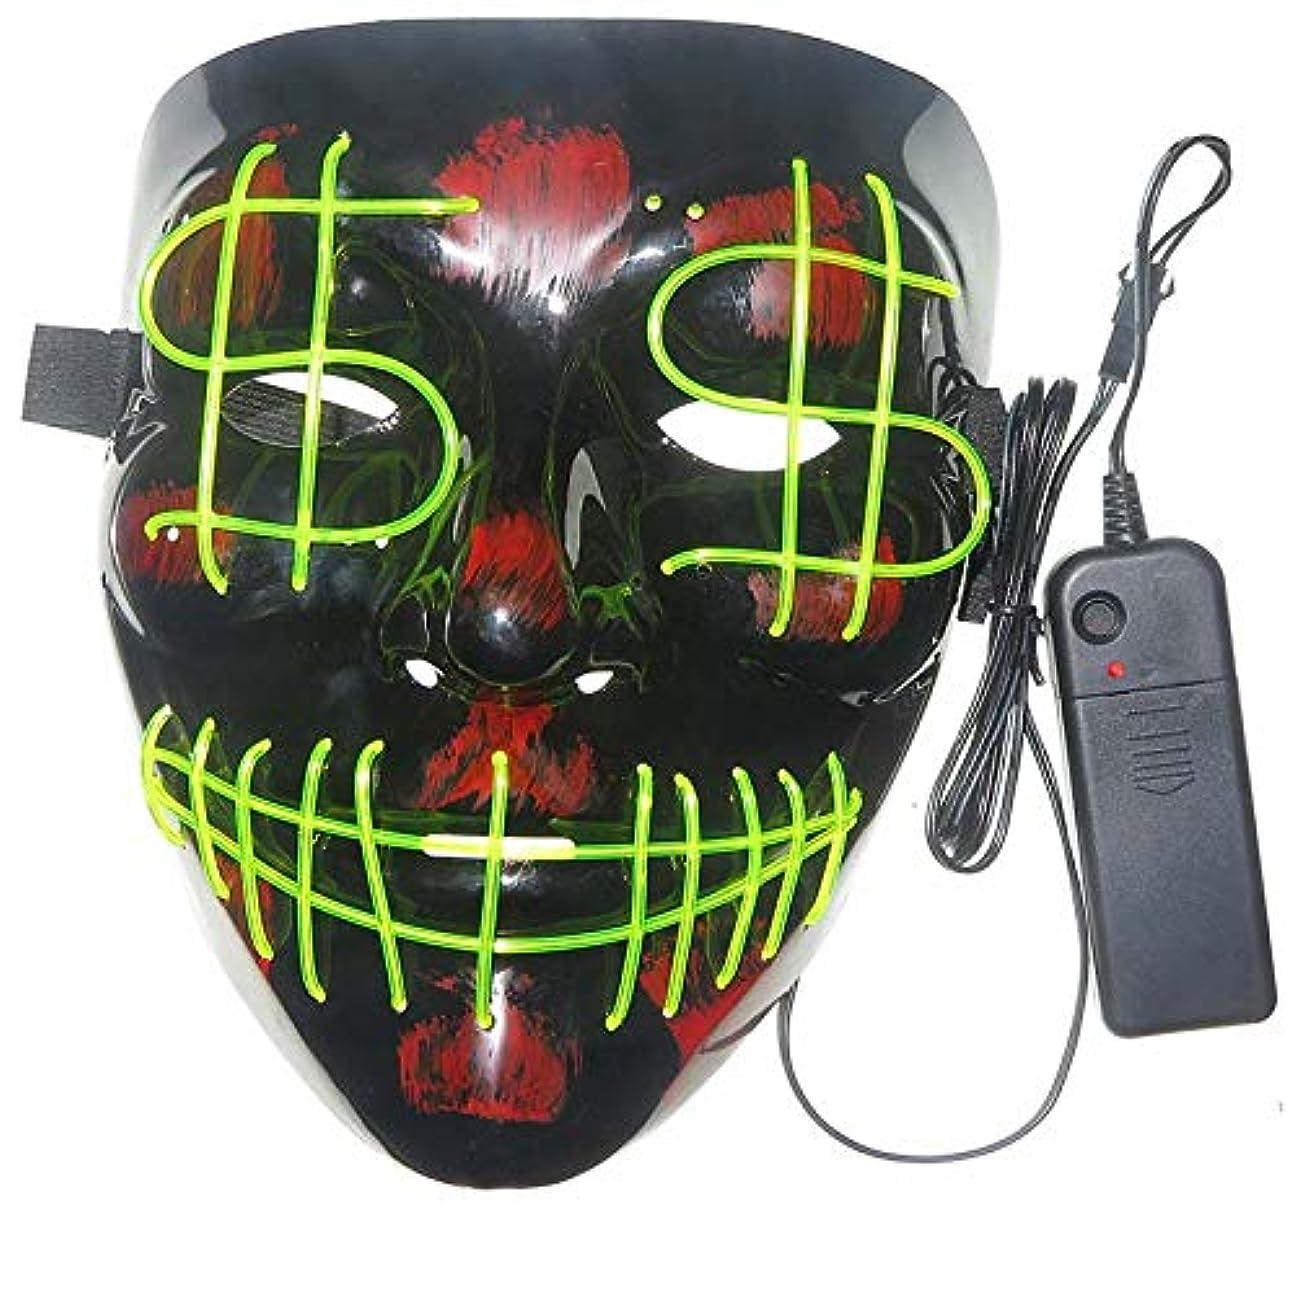 作曲する北東版ハロウィーンの怖いマスクコスプレ-コスチュームマスクライトフェスティバルパーティー用LEDマスク